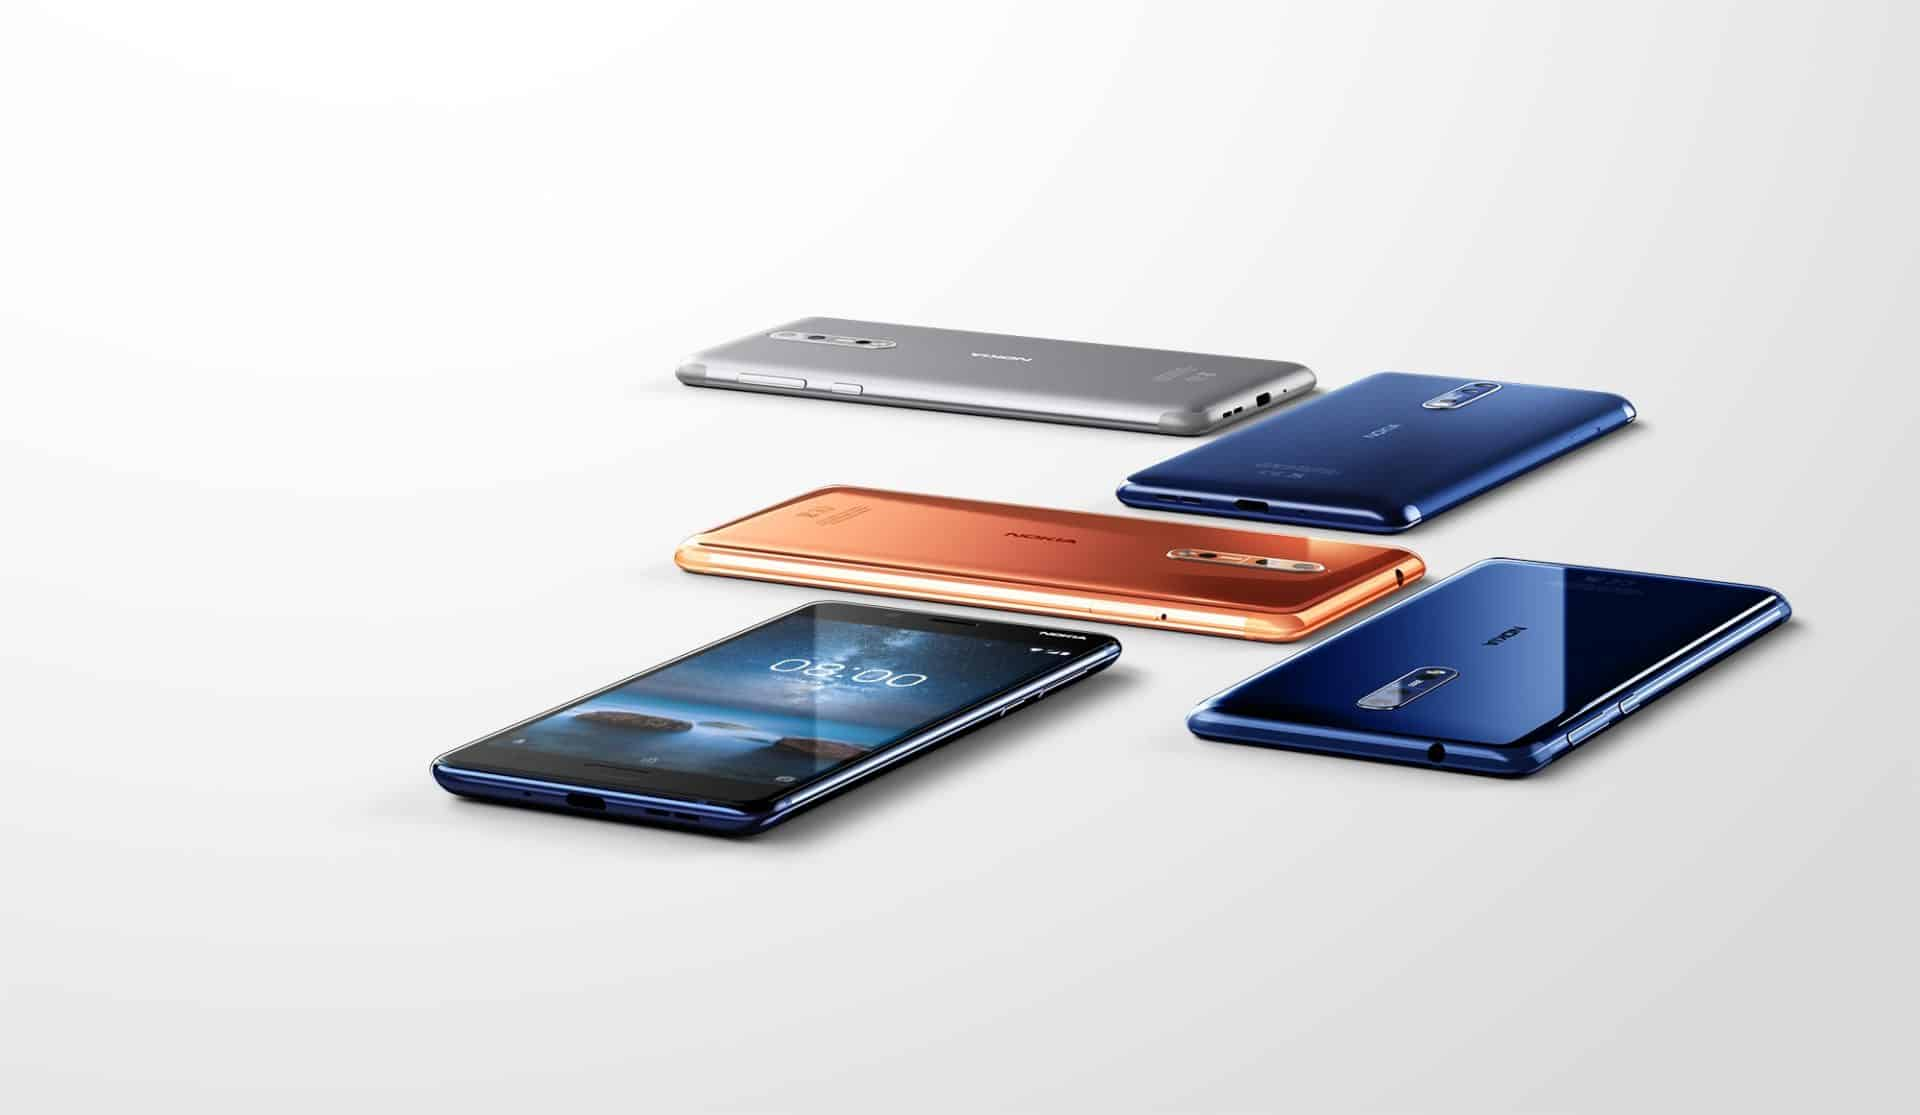 Mobilní telefon Nokia 8 dostává systém Android 8.0 Oreo: HMD Global